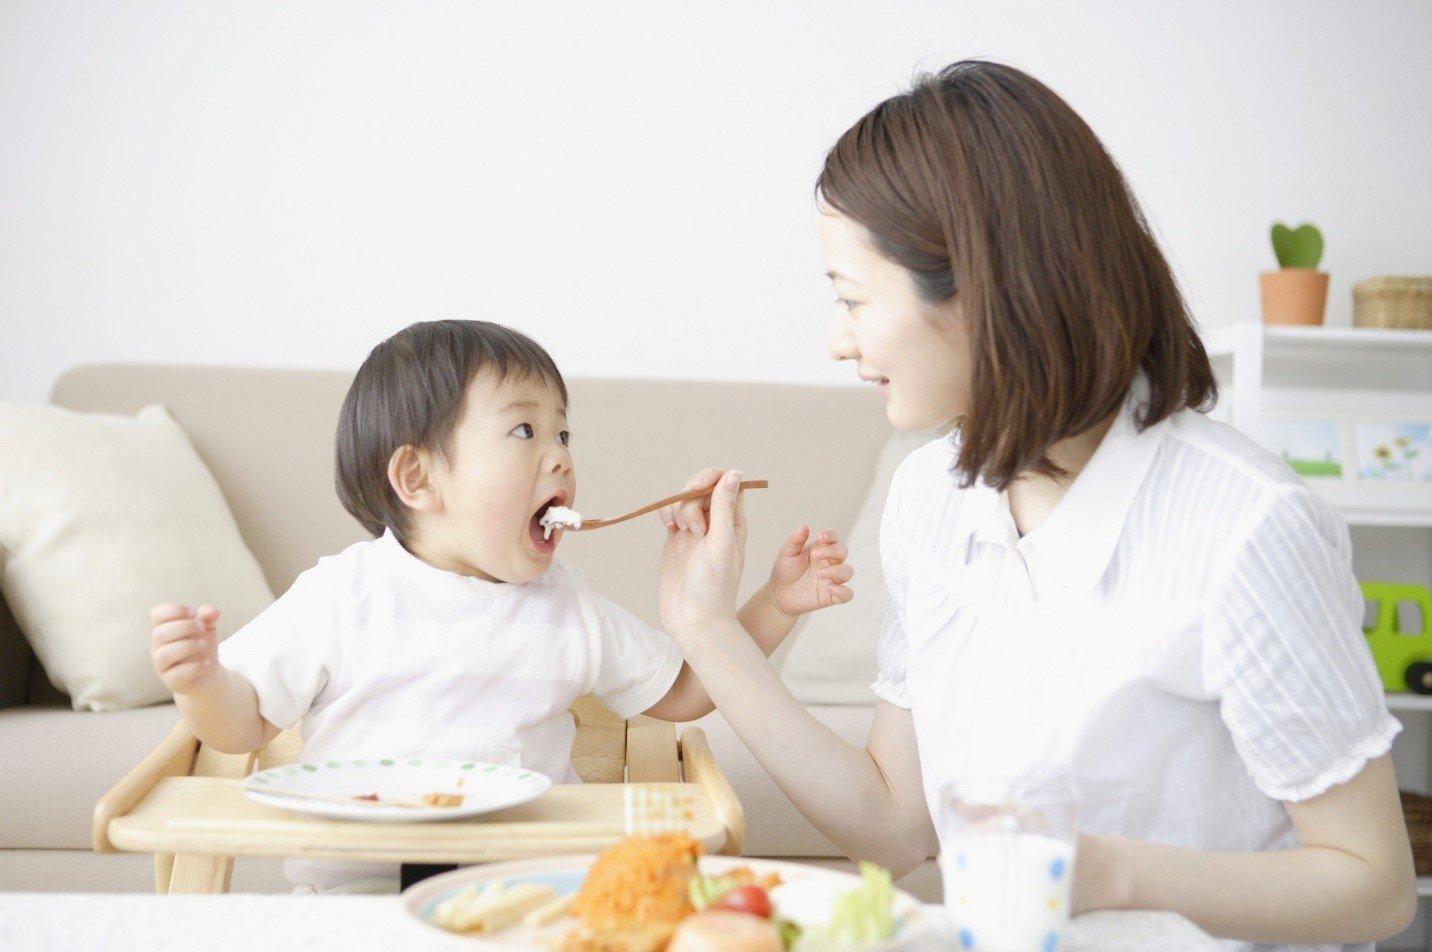 Chế độ ăn để trẻ tránh xa nguy cơ suy dinh dưỡng cha mẹ nào cũng nên nhớ - ảnh 3